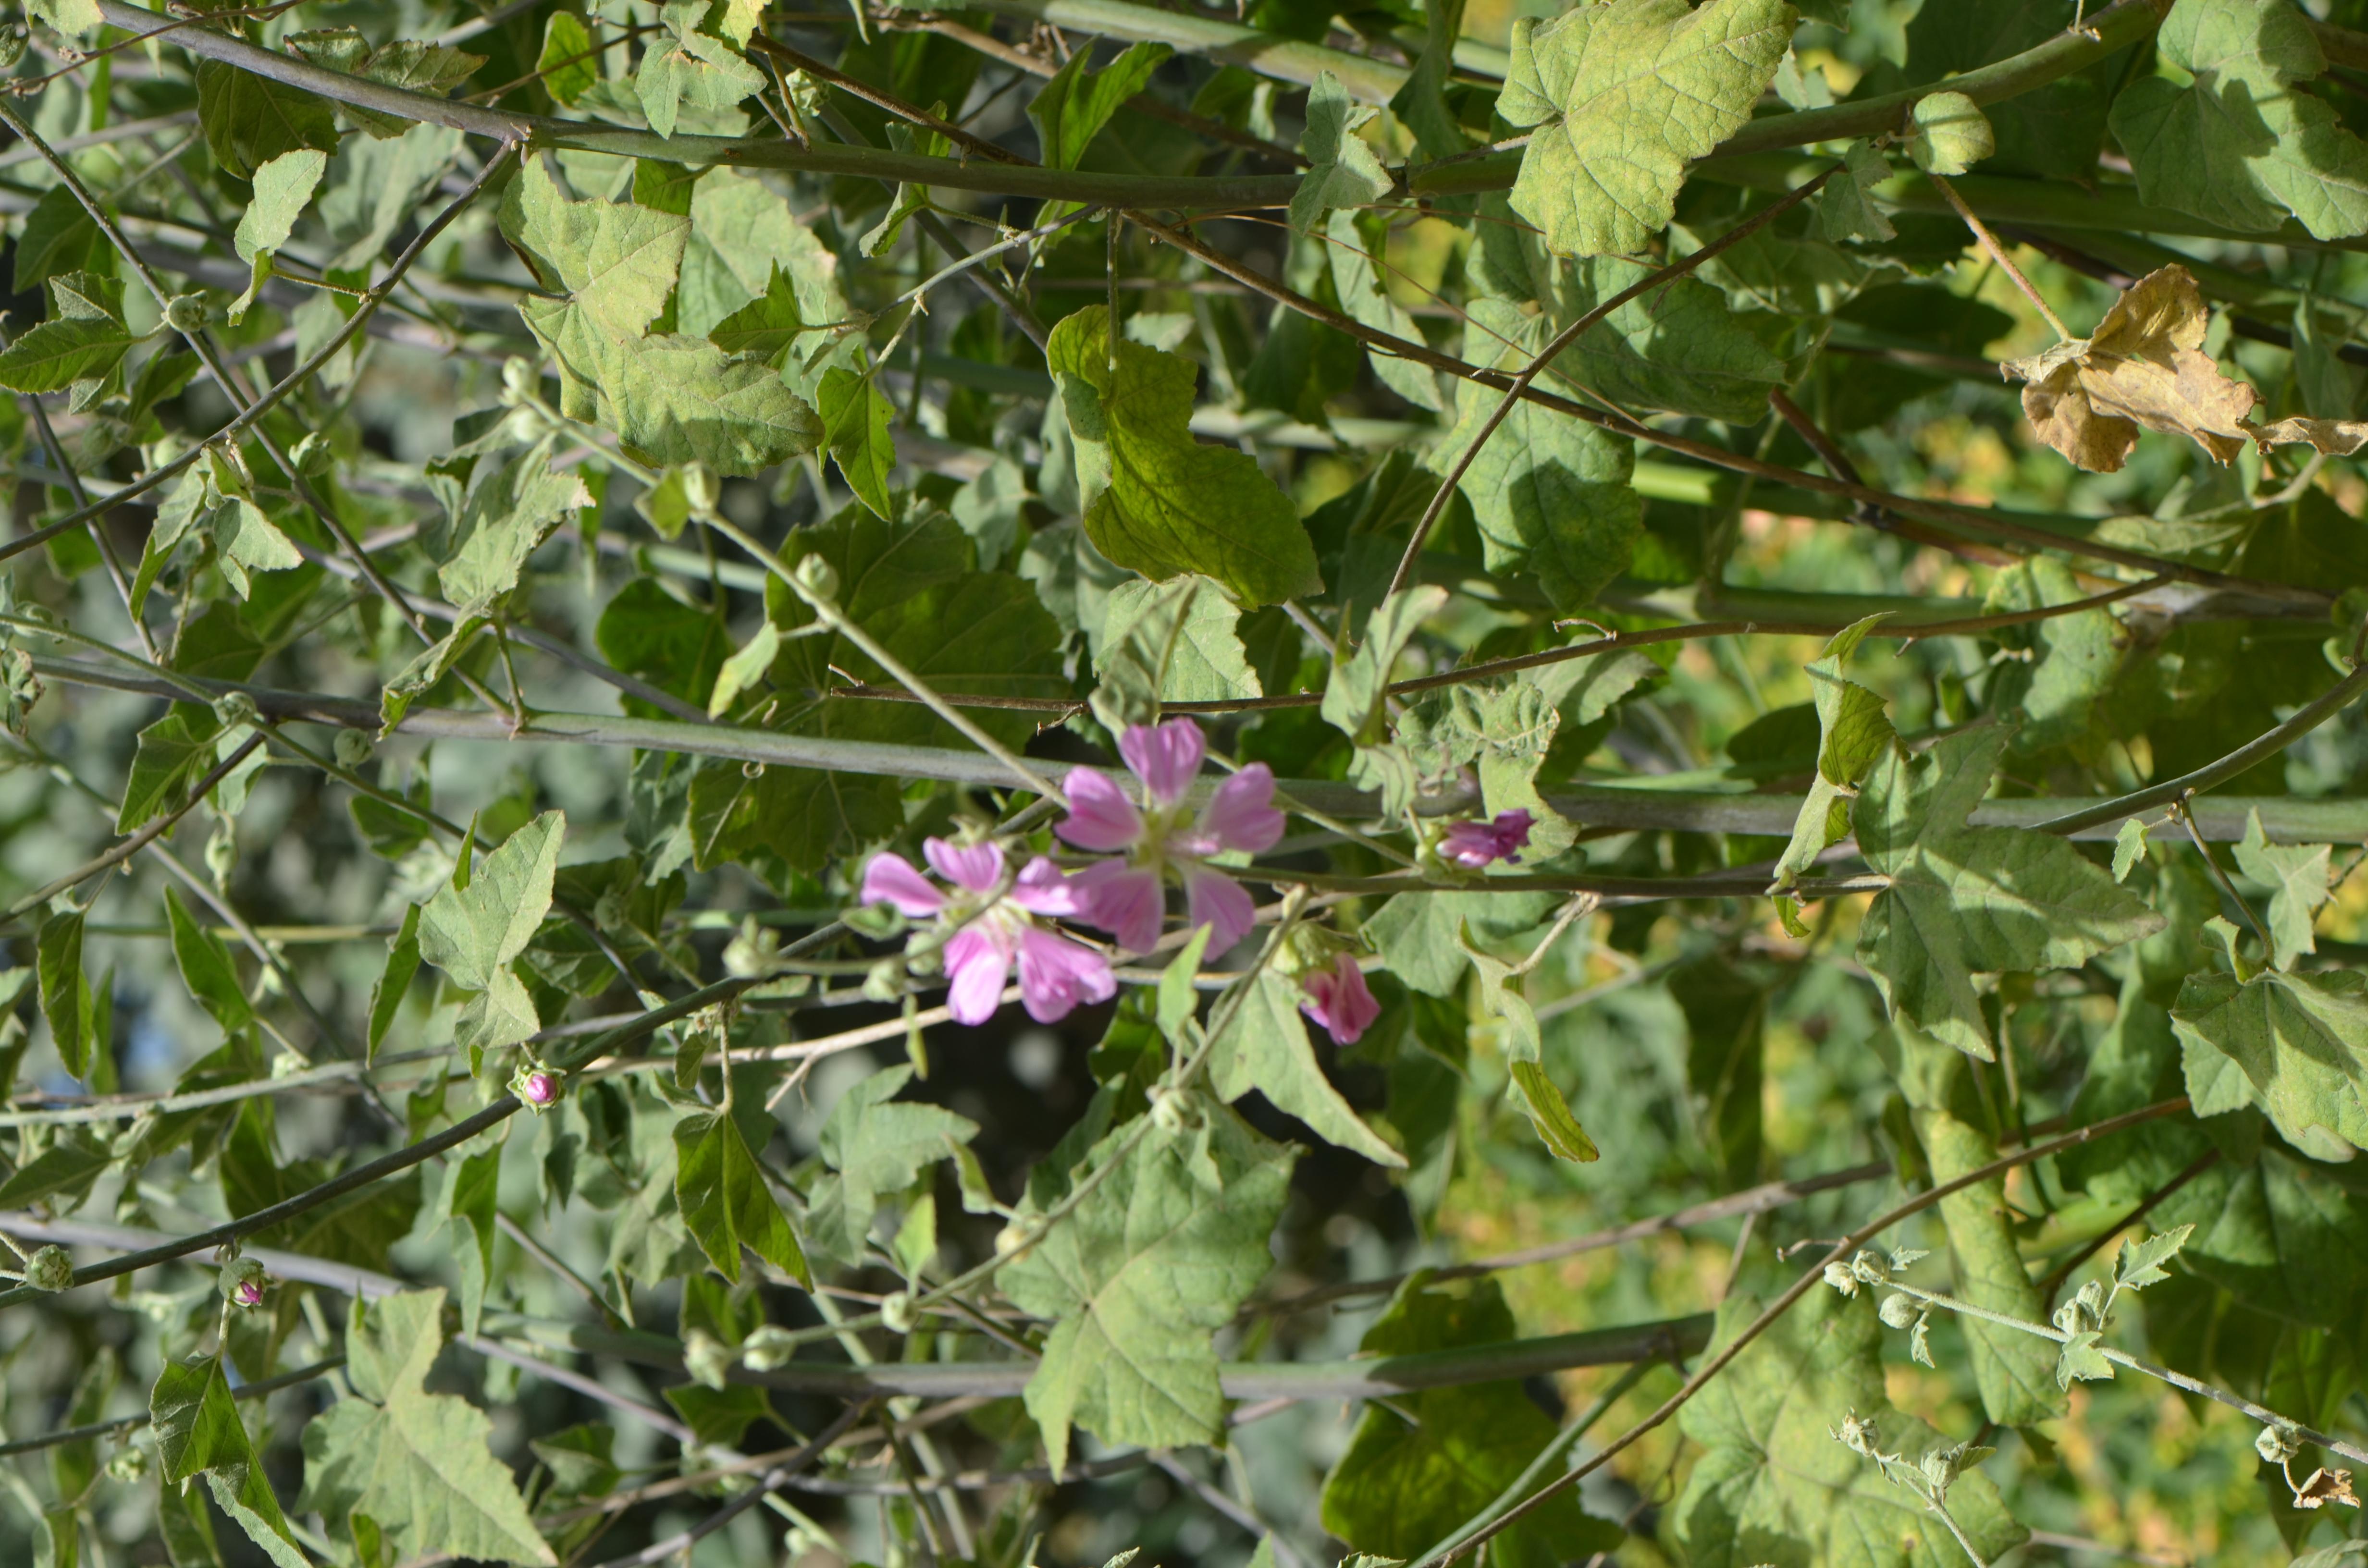 מעוג קפח (Lavatera bryoniifolia)